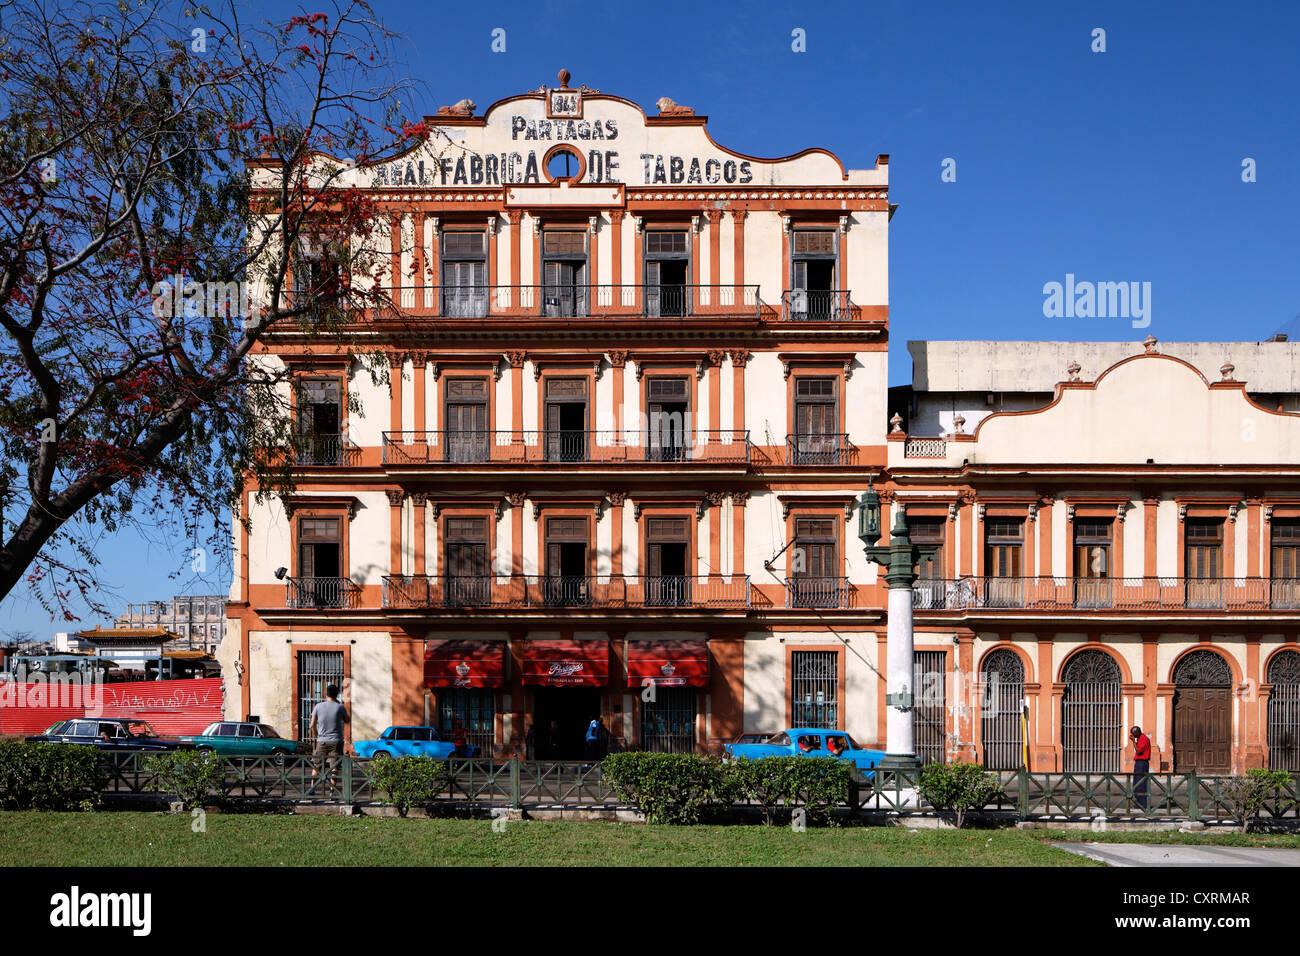 Plus ancienne et la plus célèbre fabrique de cigares de La Havane, Real Fabrica de Tabacos Partagas, voitures Photo Stock